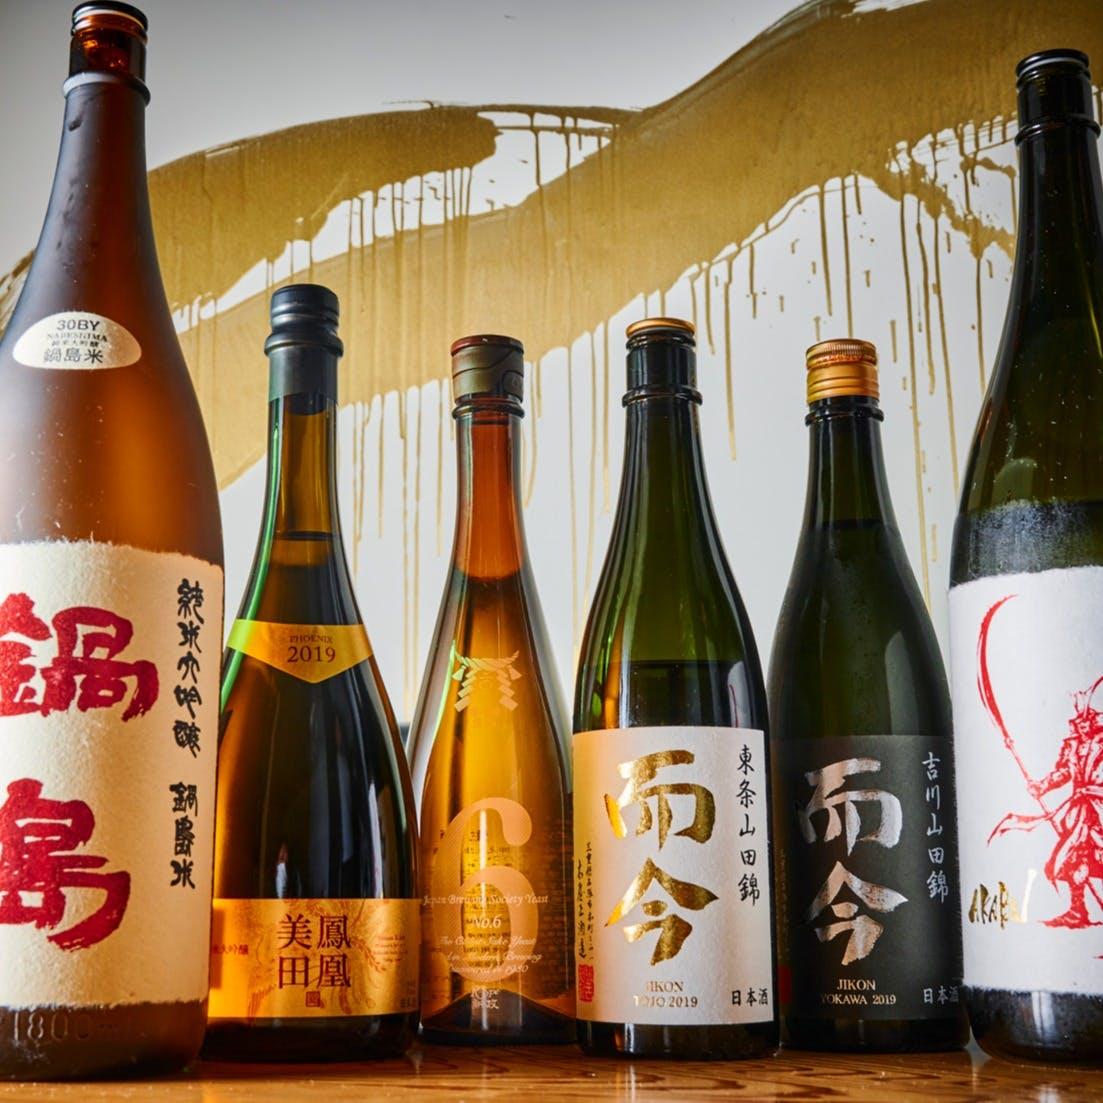 シニアソムリエの選ぶワインや日本酒と料理のマリアージュ